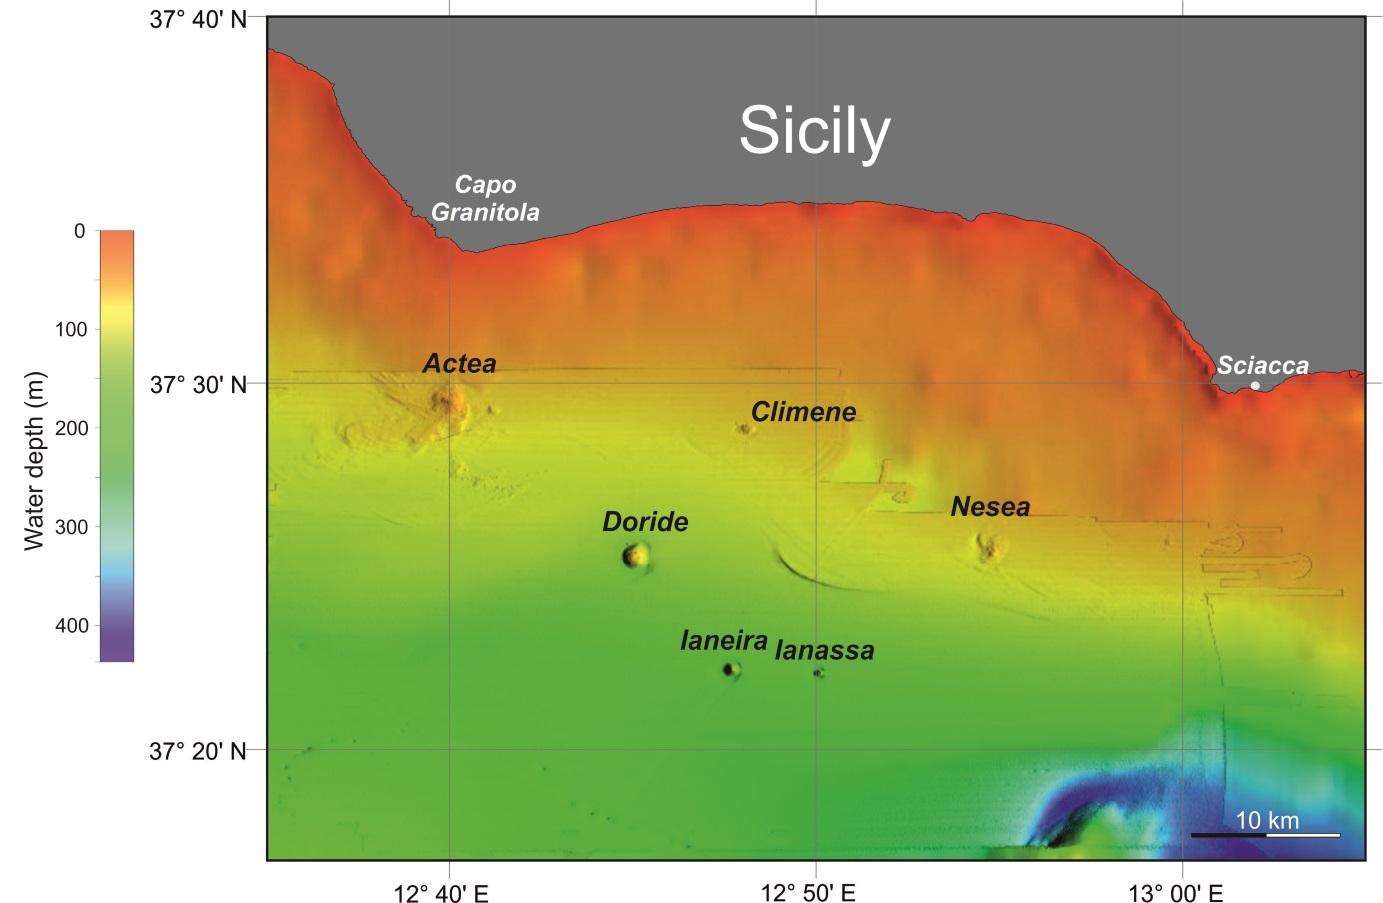 Nuovi vulcani sottomarini individuati a pochi chilometri dalle coste della Sicilia.